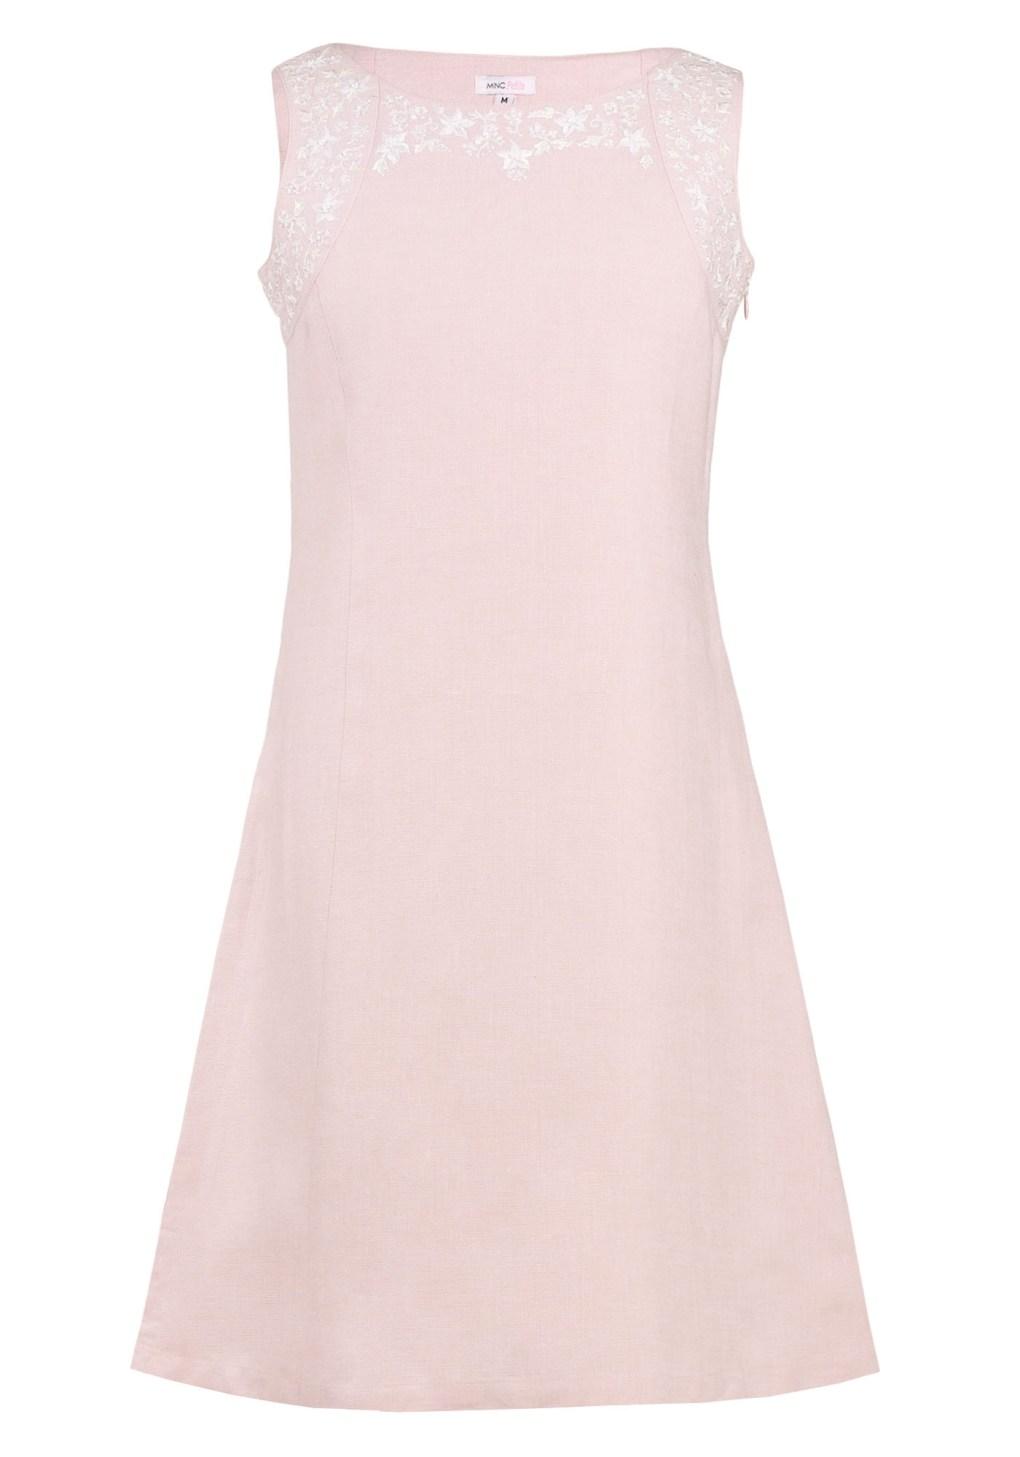 MINC Petite Girls Embroidered Short Dress in Light Pink Linen